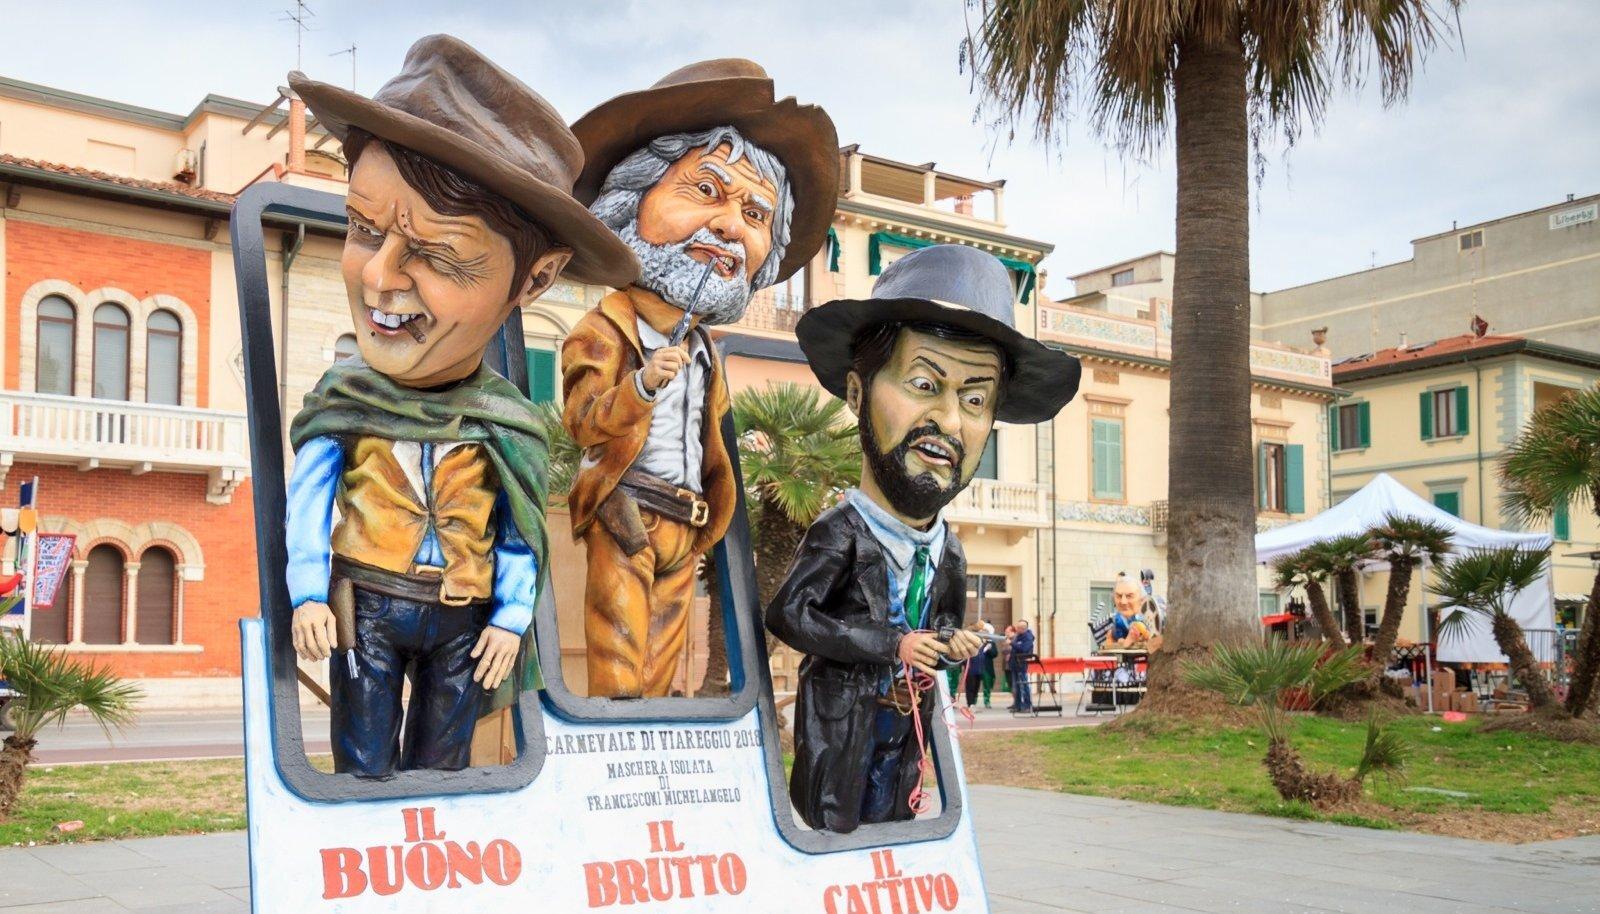 HEA, PAHA JA INETU: Sergio Leone vesterniklassikat meenutav kompositsioon Viareggio karnevalilt. Vasakult paremale on pildil Matteo Renzi, Demokraatliku Partei juht; Beppo Grillo, Viie Tähe Liikumise maskott; Matteo Salvini, Liiga juht. Märtsist maini kes